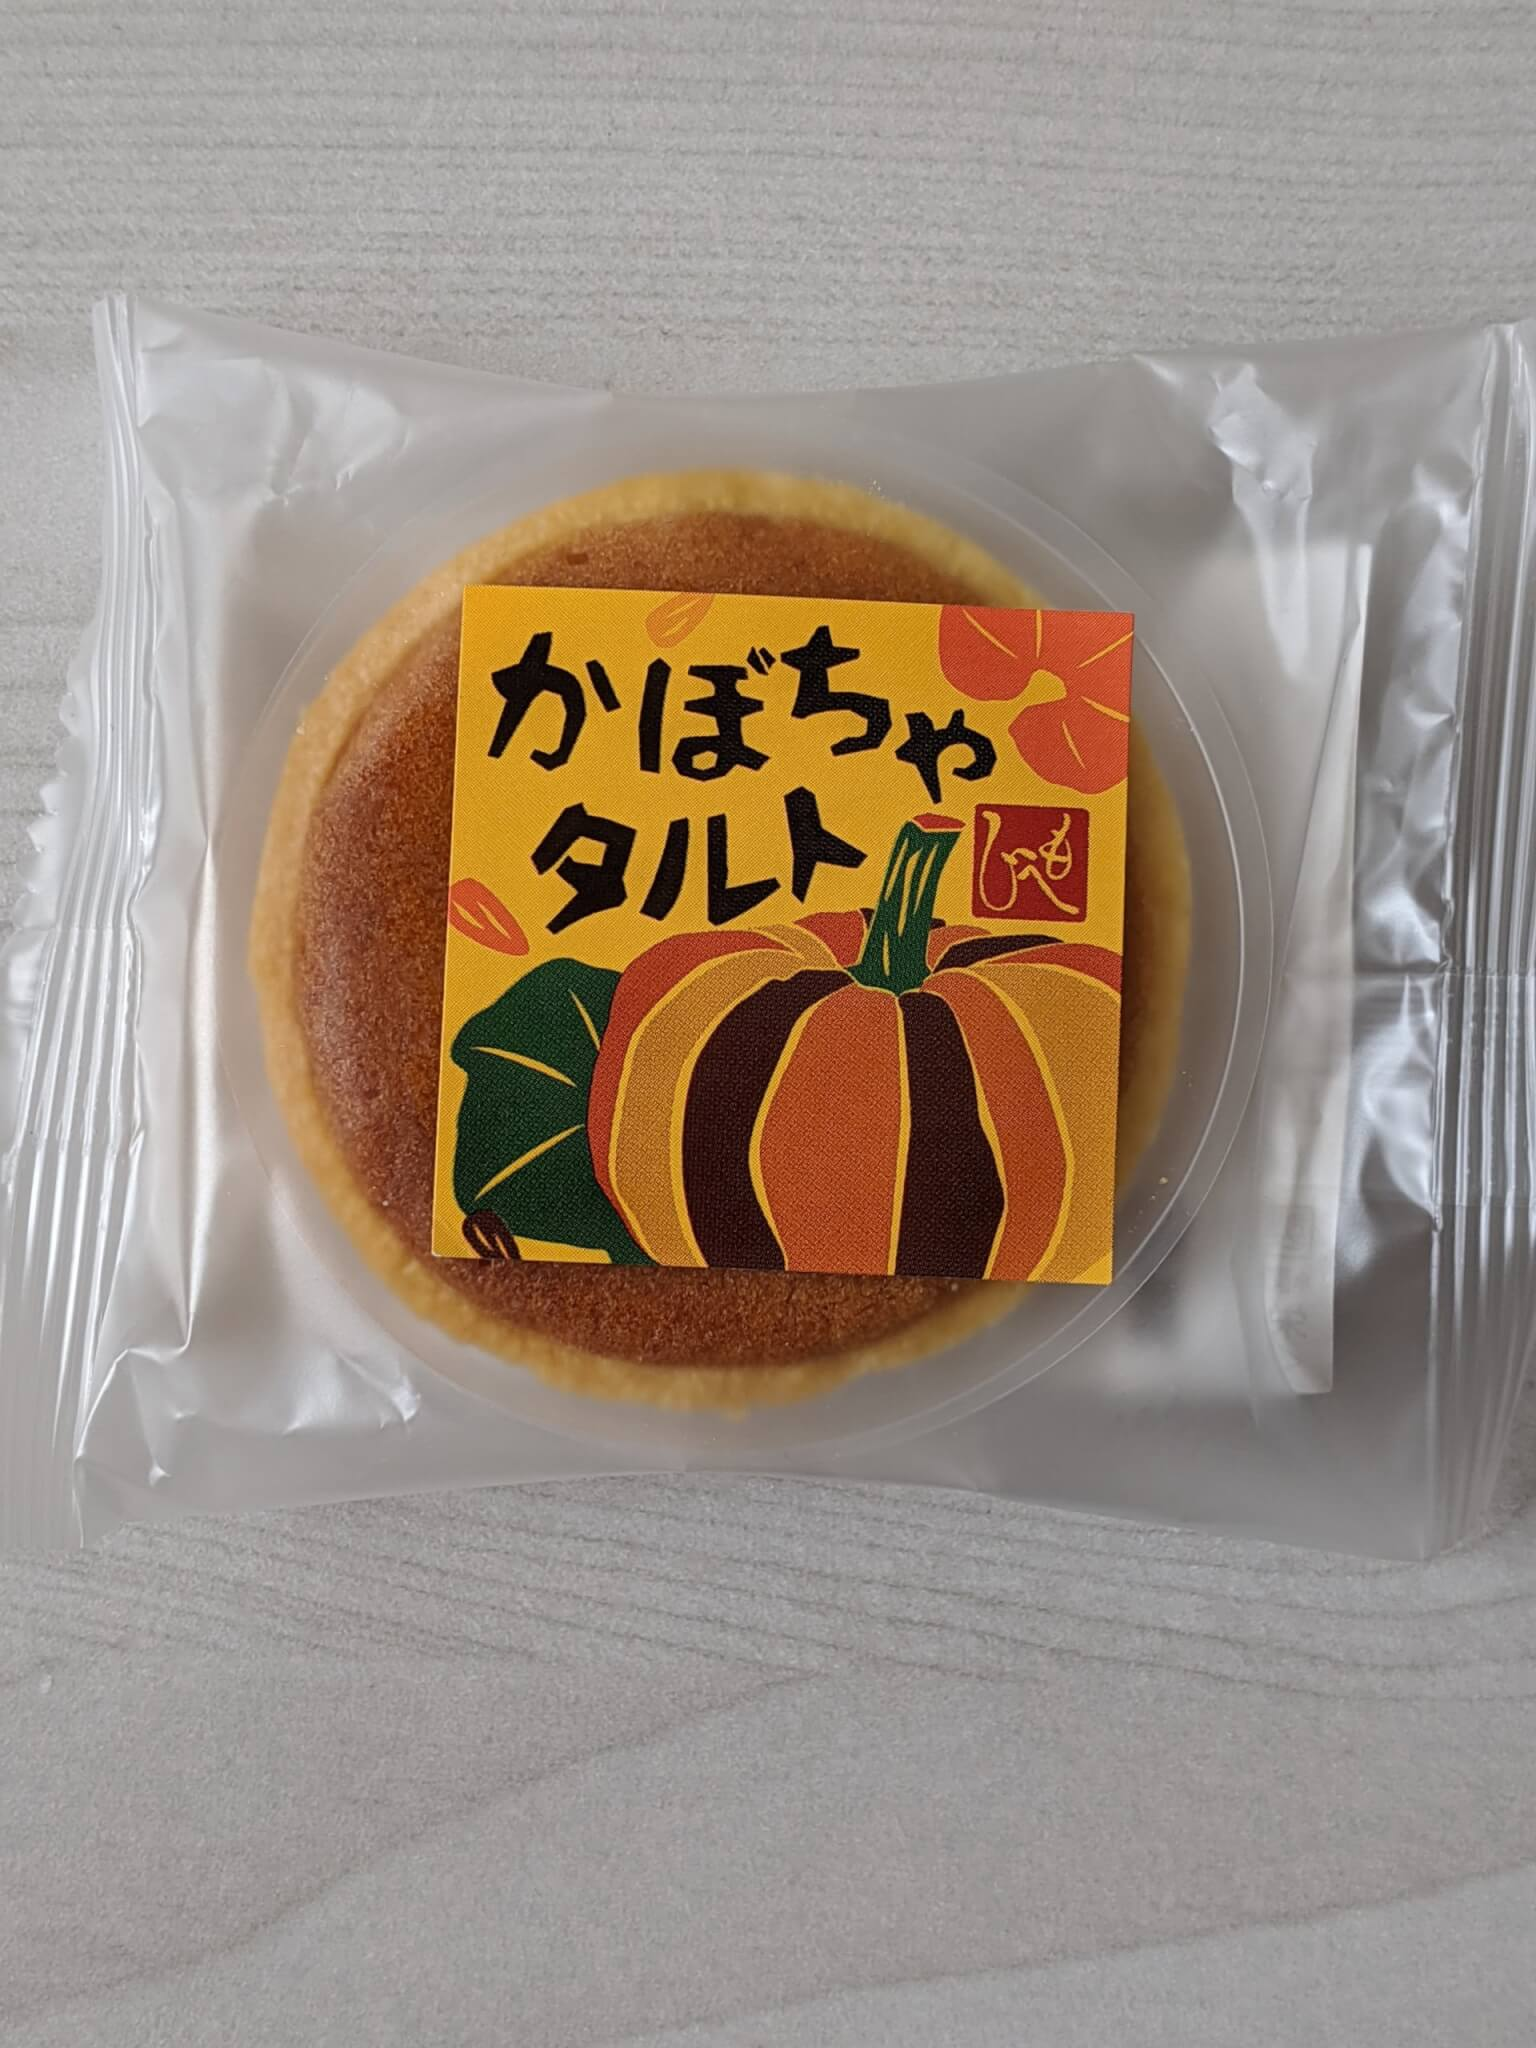 カルディ もへじのかぼちゃタルト